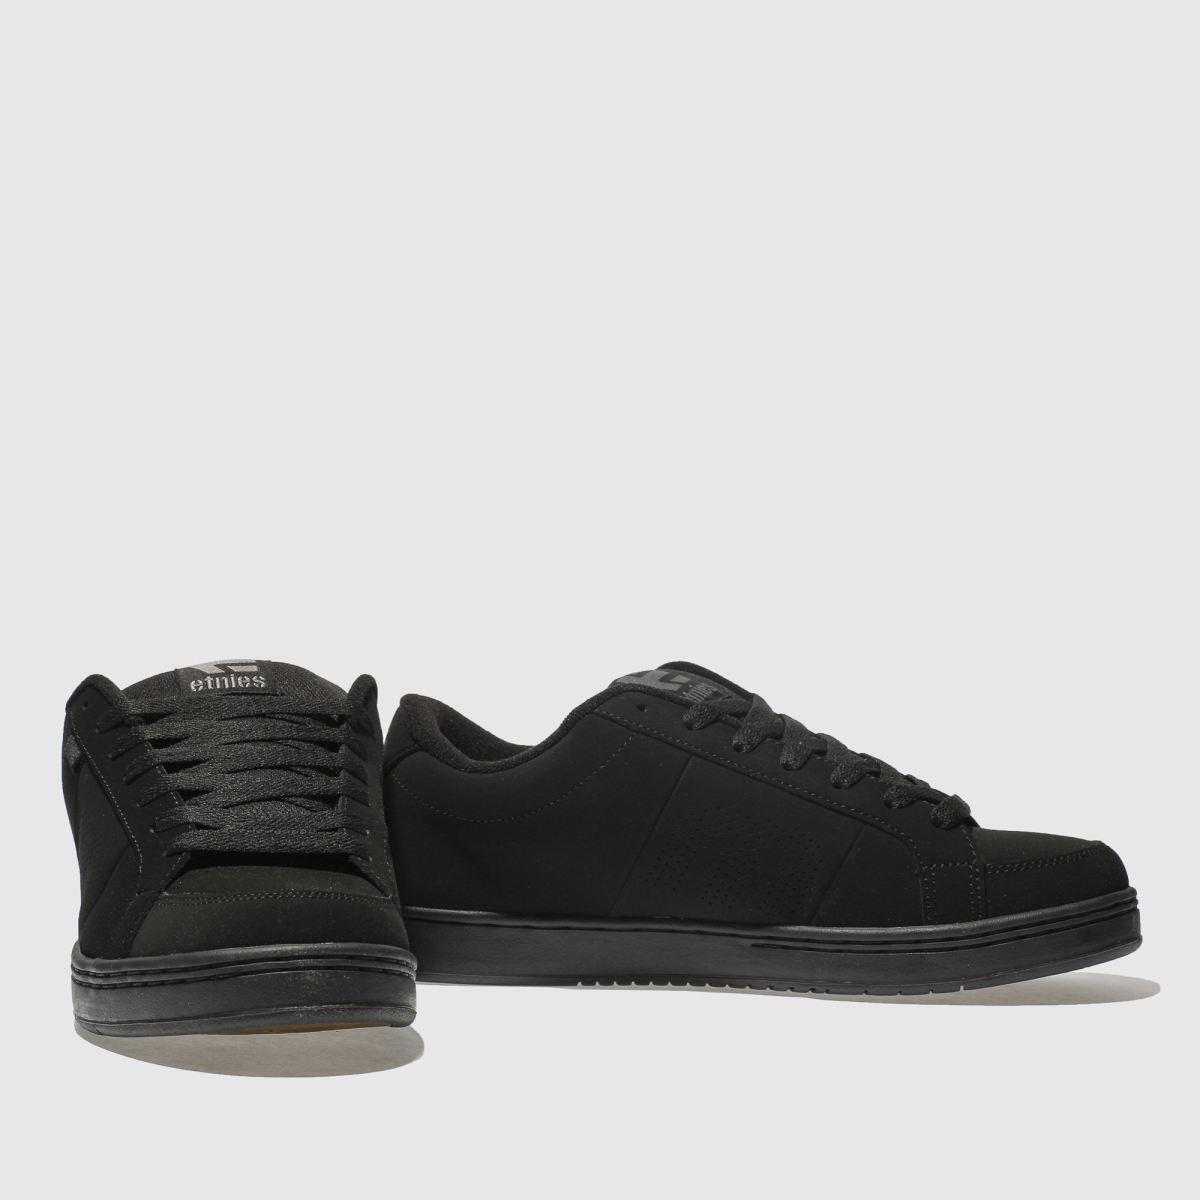 Herren Schwarz etnies Kingpin Sneaker | Schuhe schuh Gute Qualität beliebte Schuhe | 46f3e1